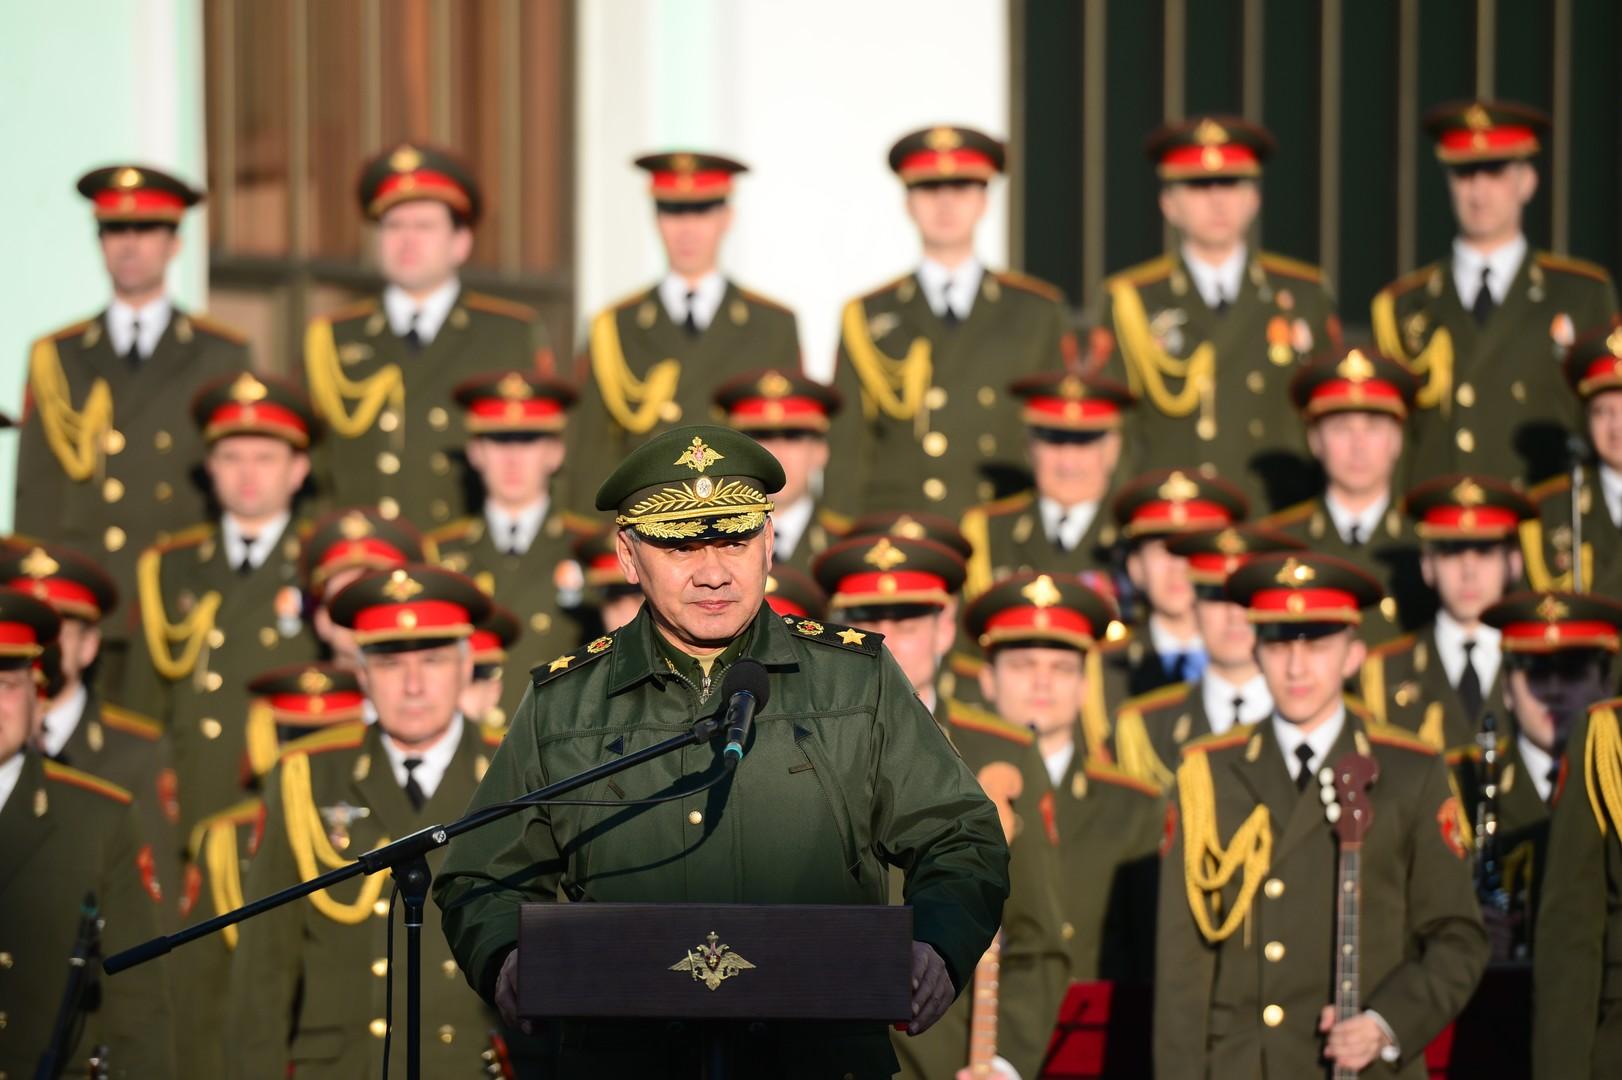 Сергей Шойгу: В состав российского флота войдут шесть новых фрегатов